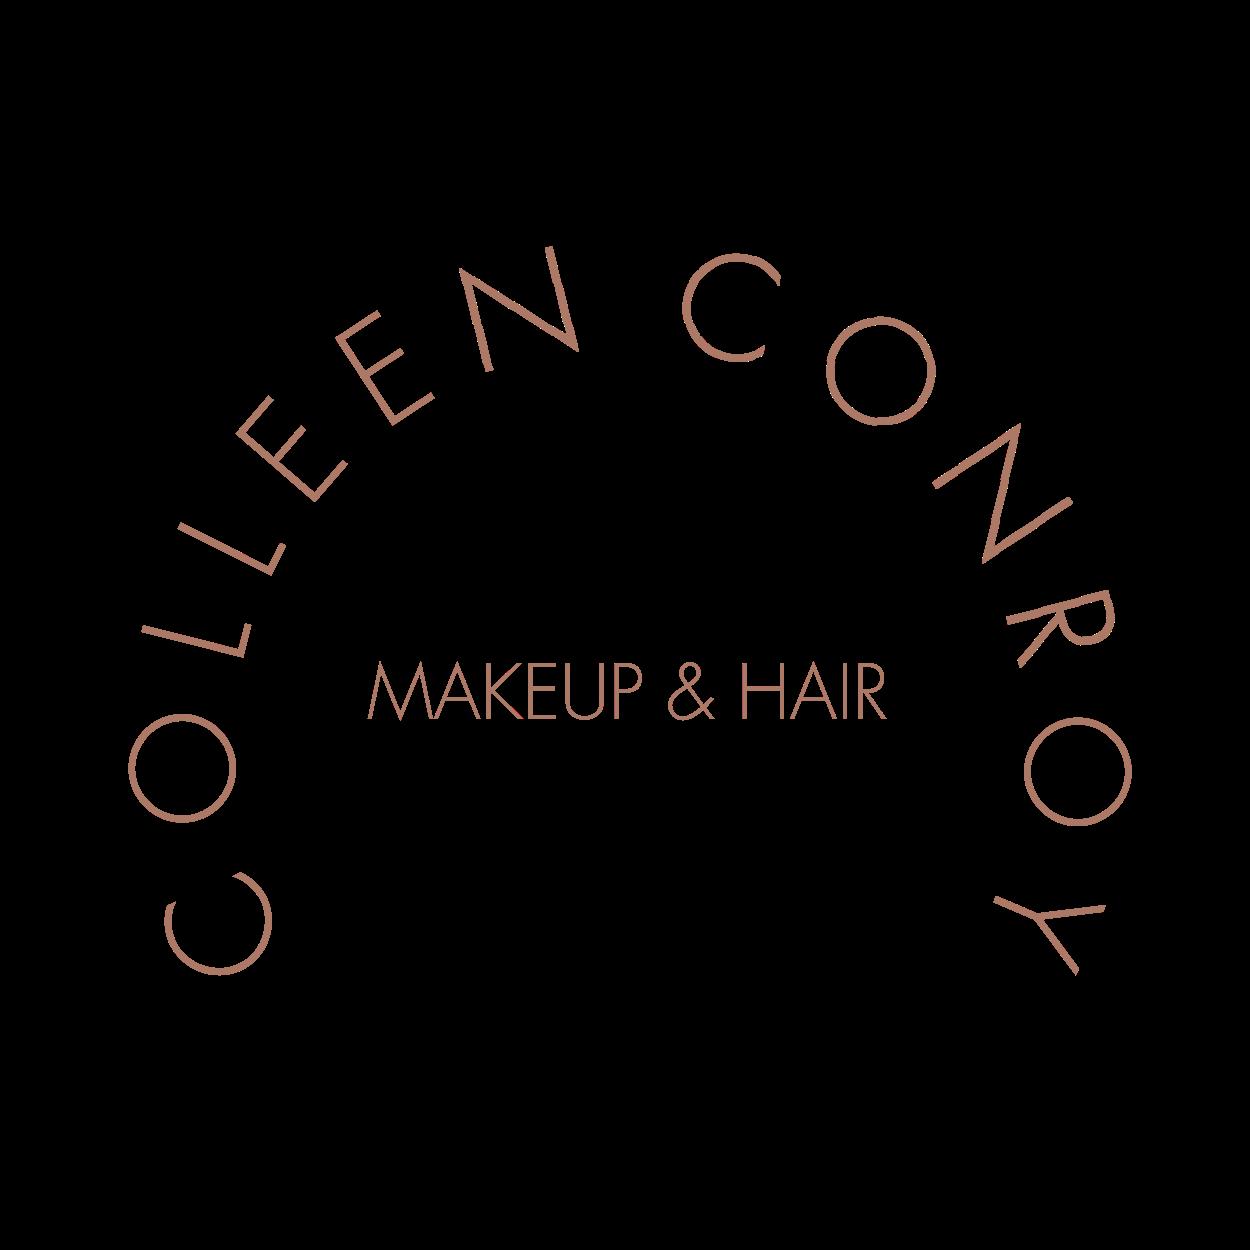 Colleen Conroy Makeup & Hair